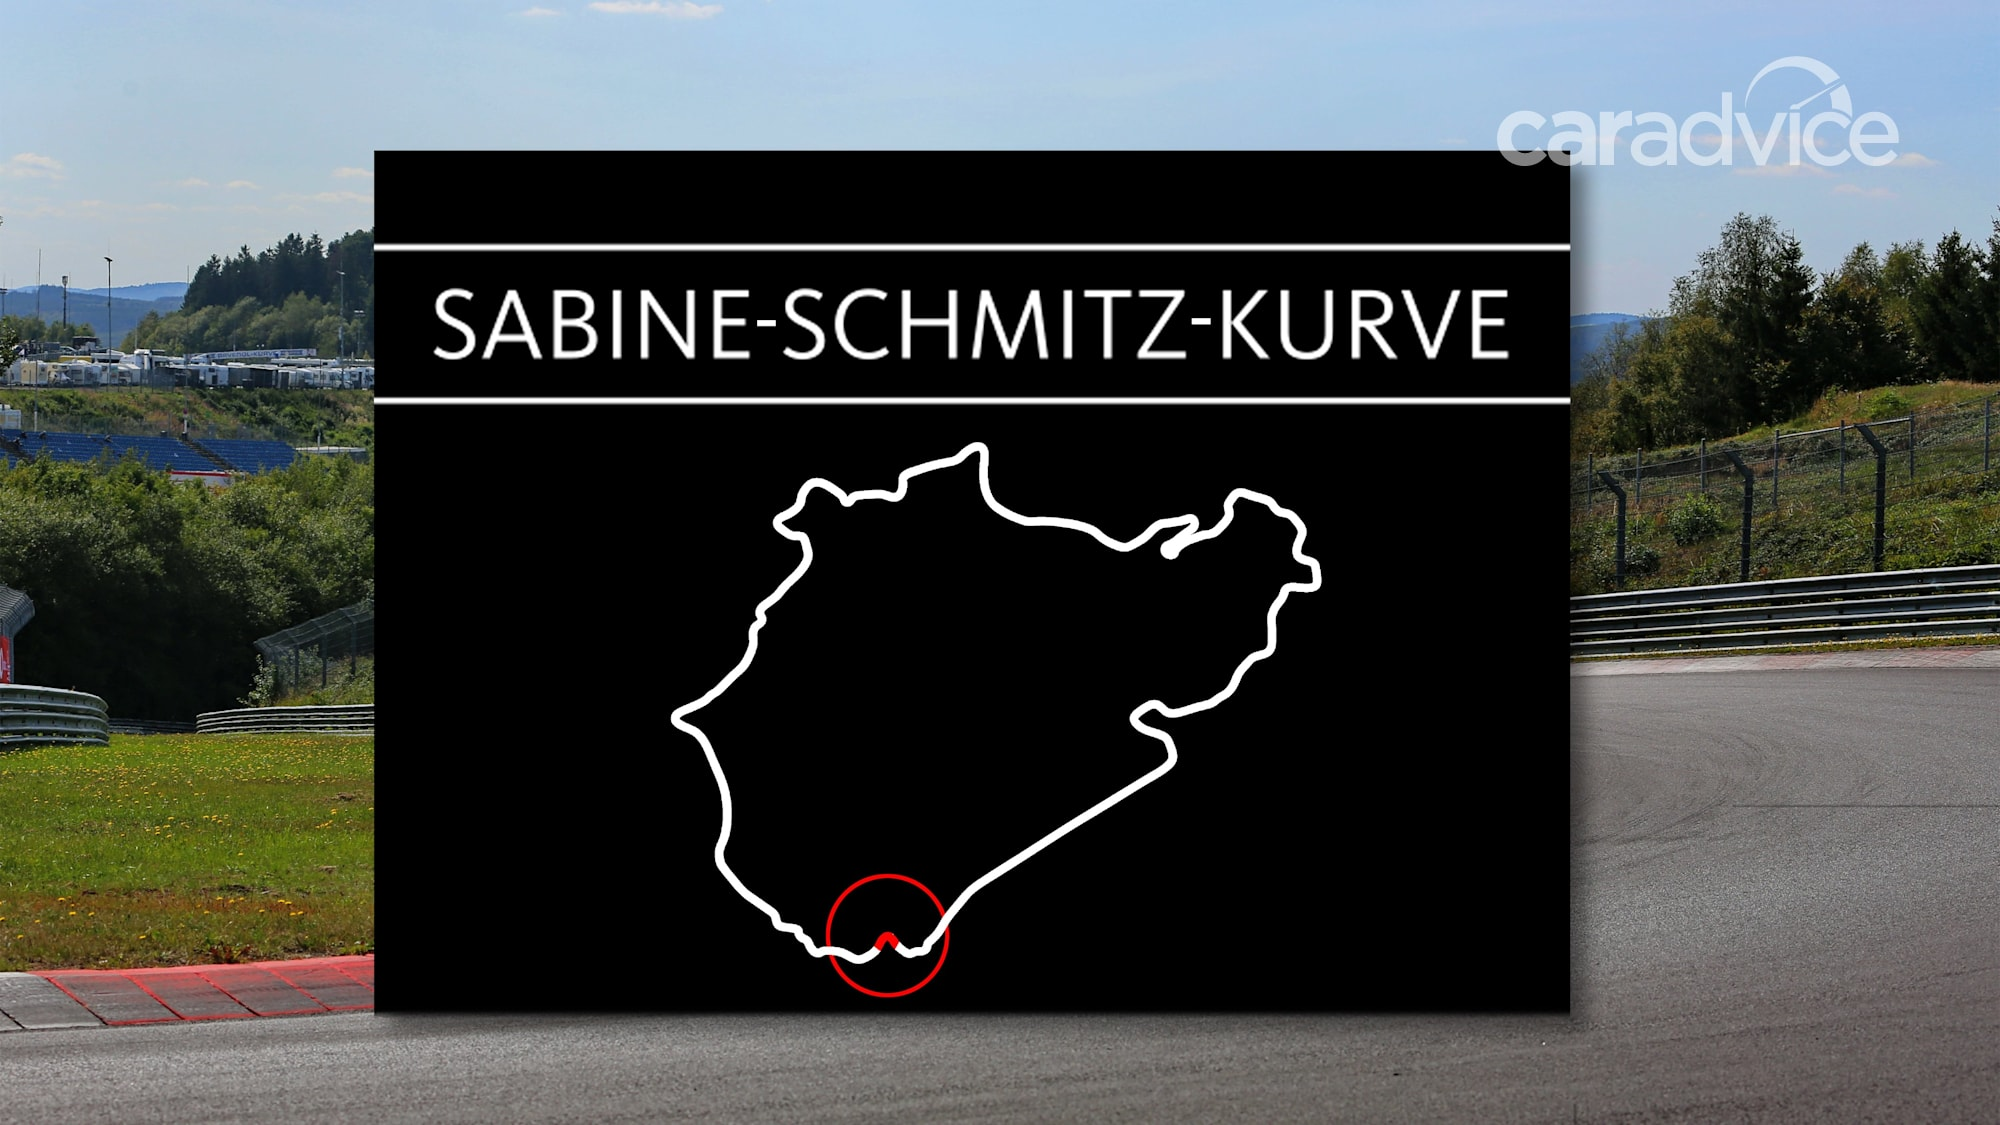 El circuito de carreras de Nürburgring de Alemania nombra el giro de fuego Sabine Schmitz - 2 de 2